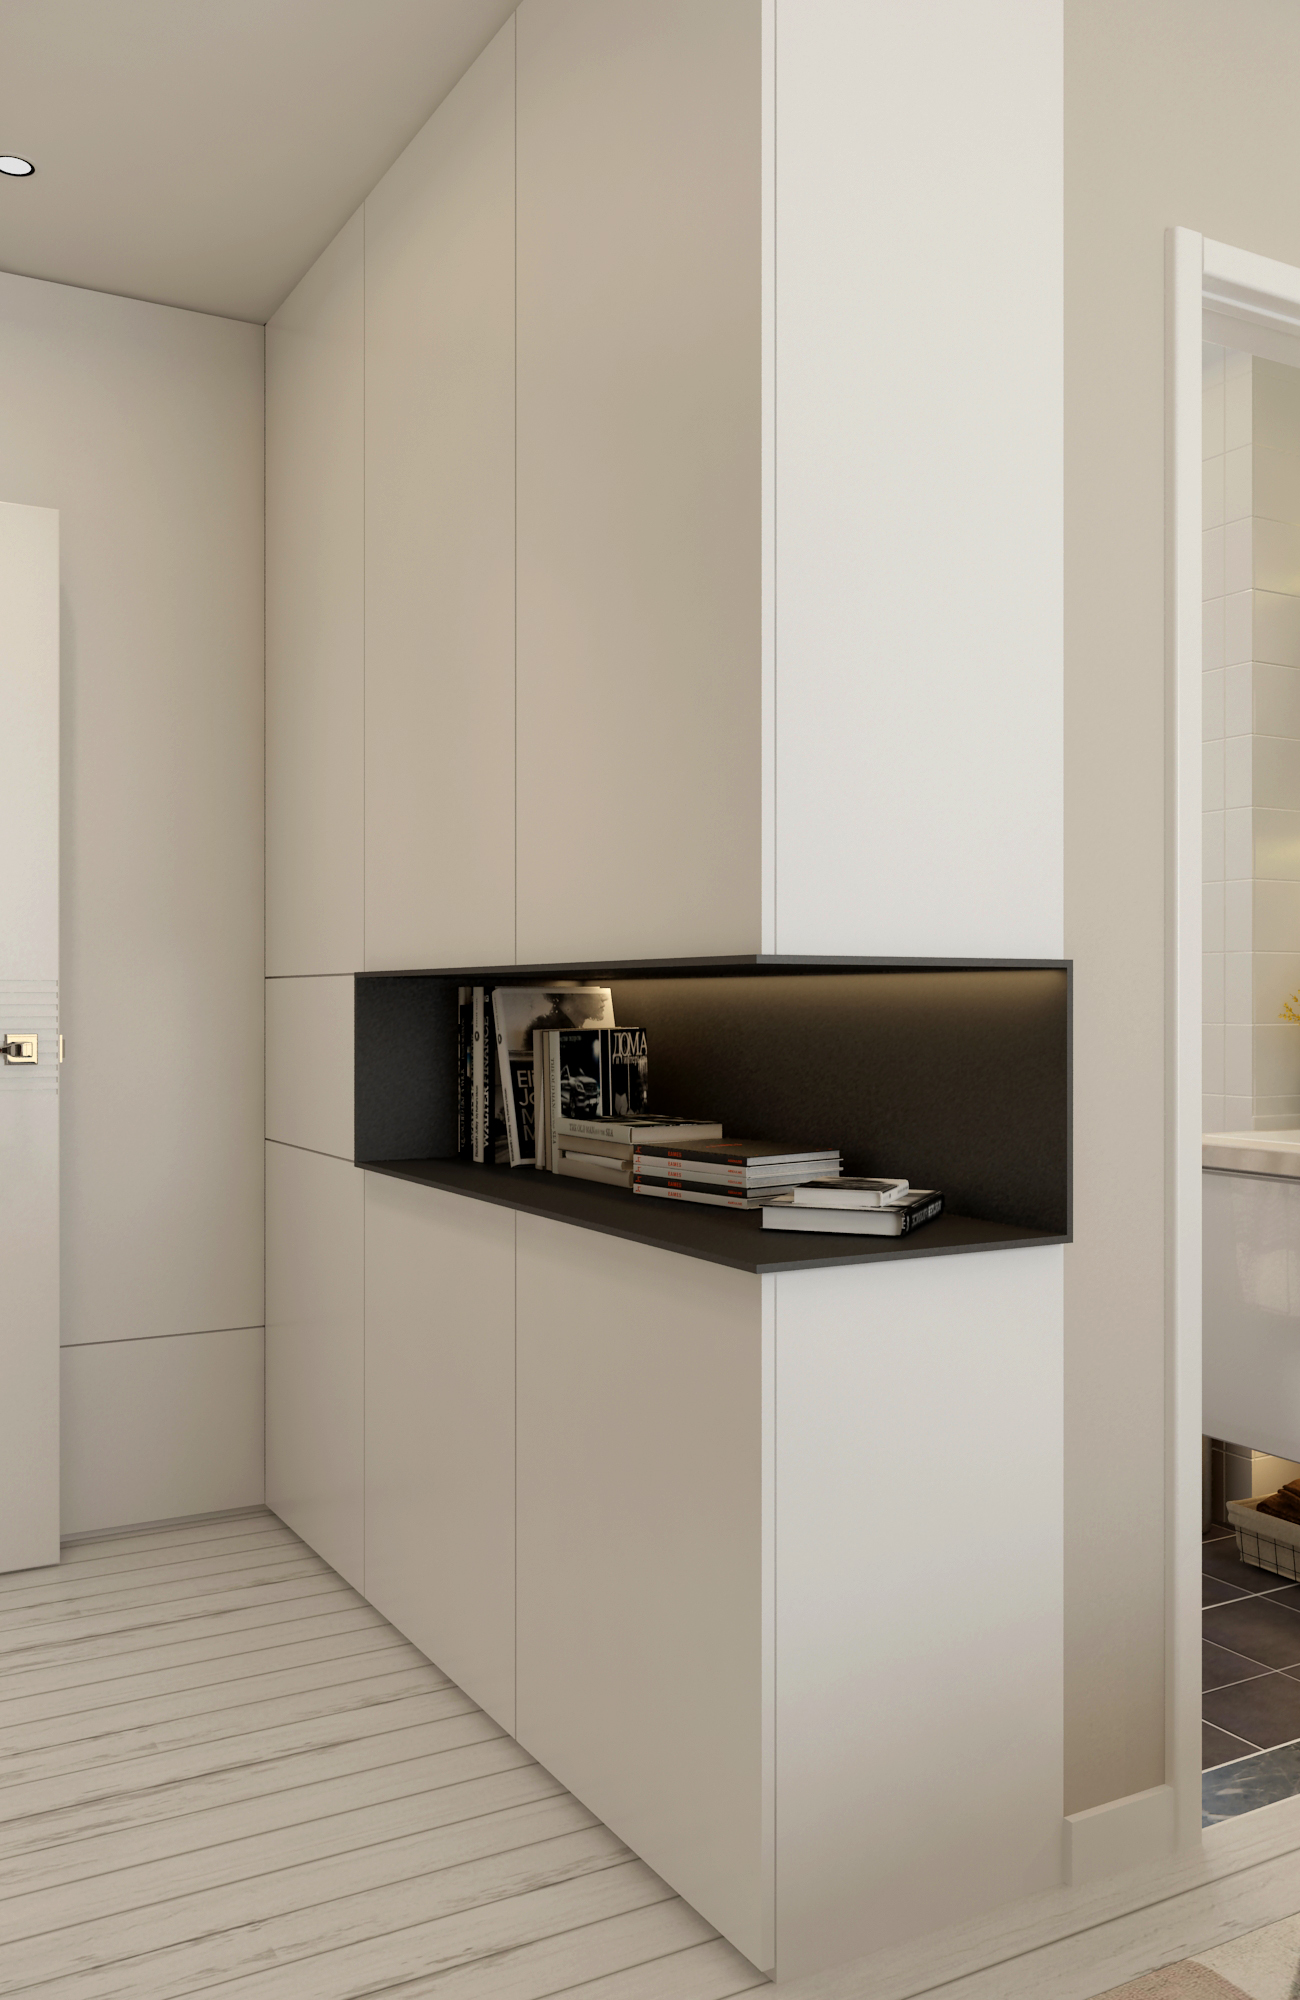 108㎡现代简约设计衣柜图片